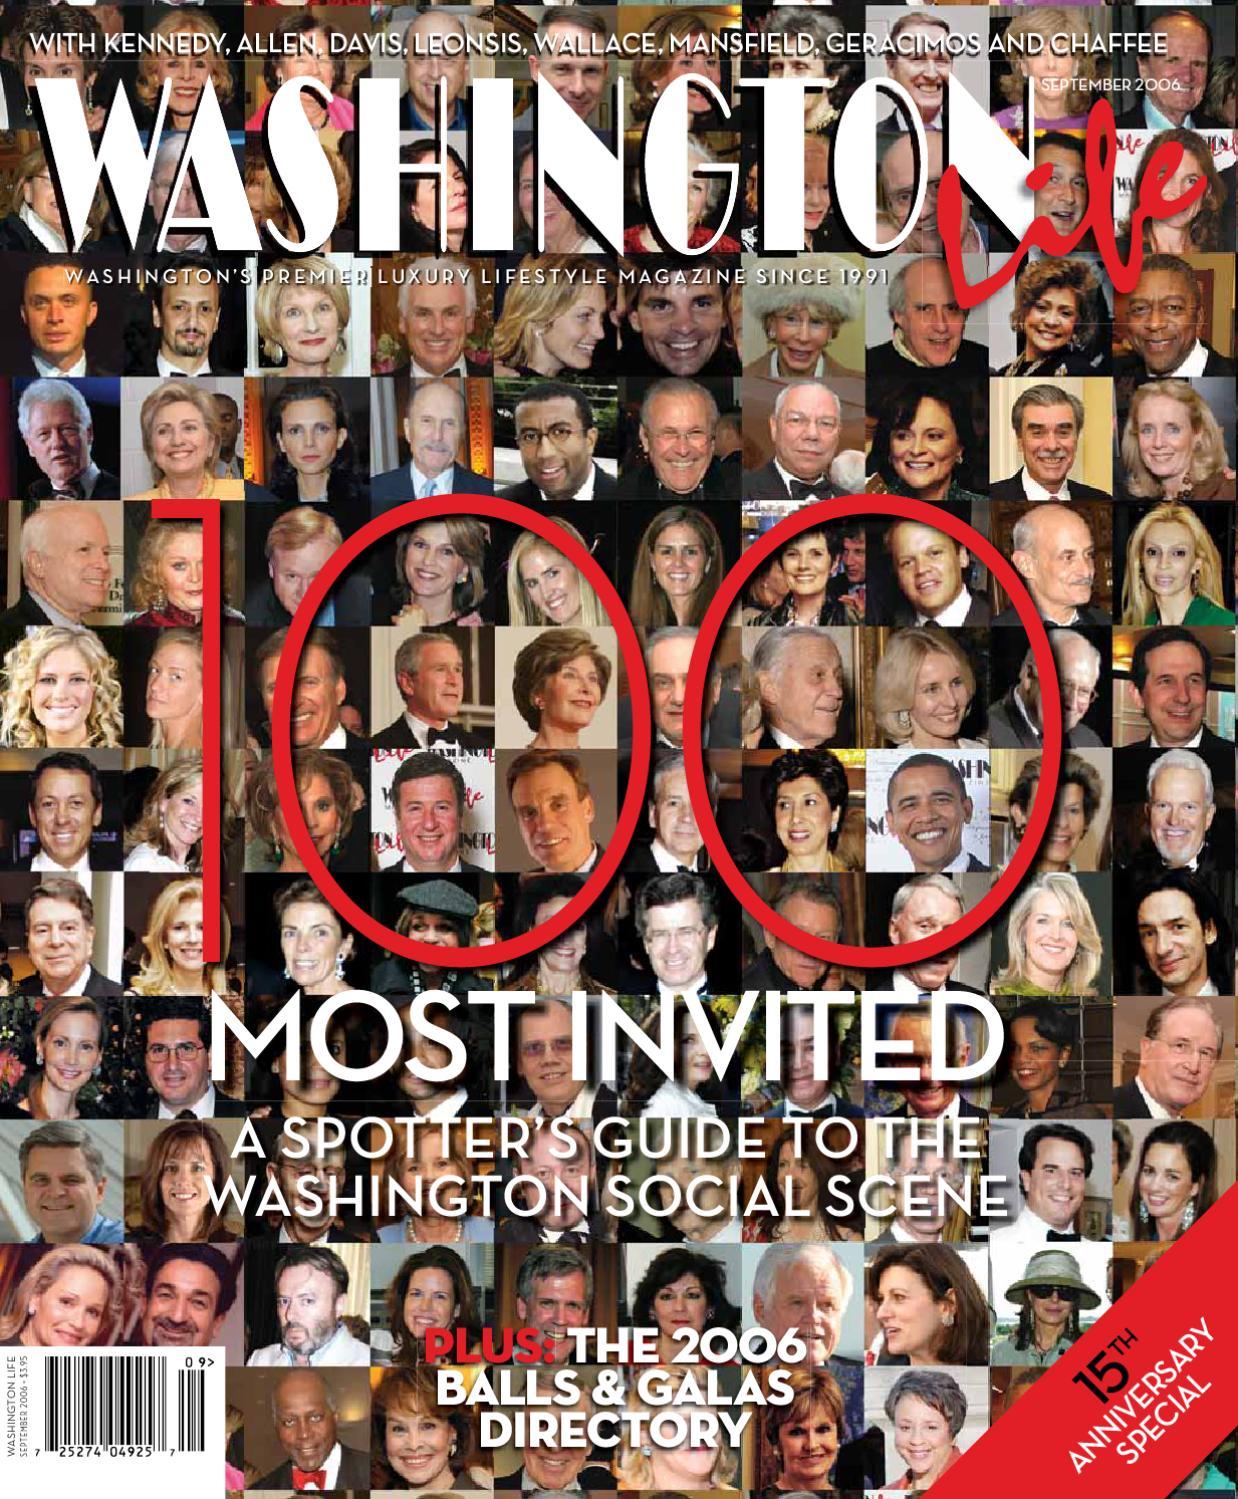 washington life magazine 2013 by washington life magazine washington life magazine 2013 by washington life magazine issuu